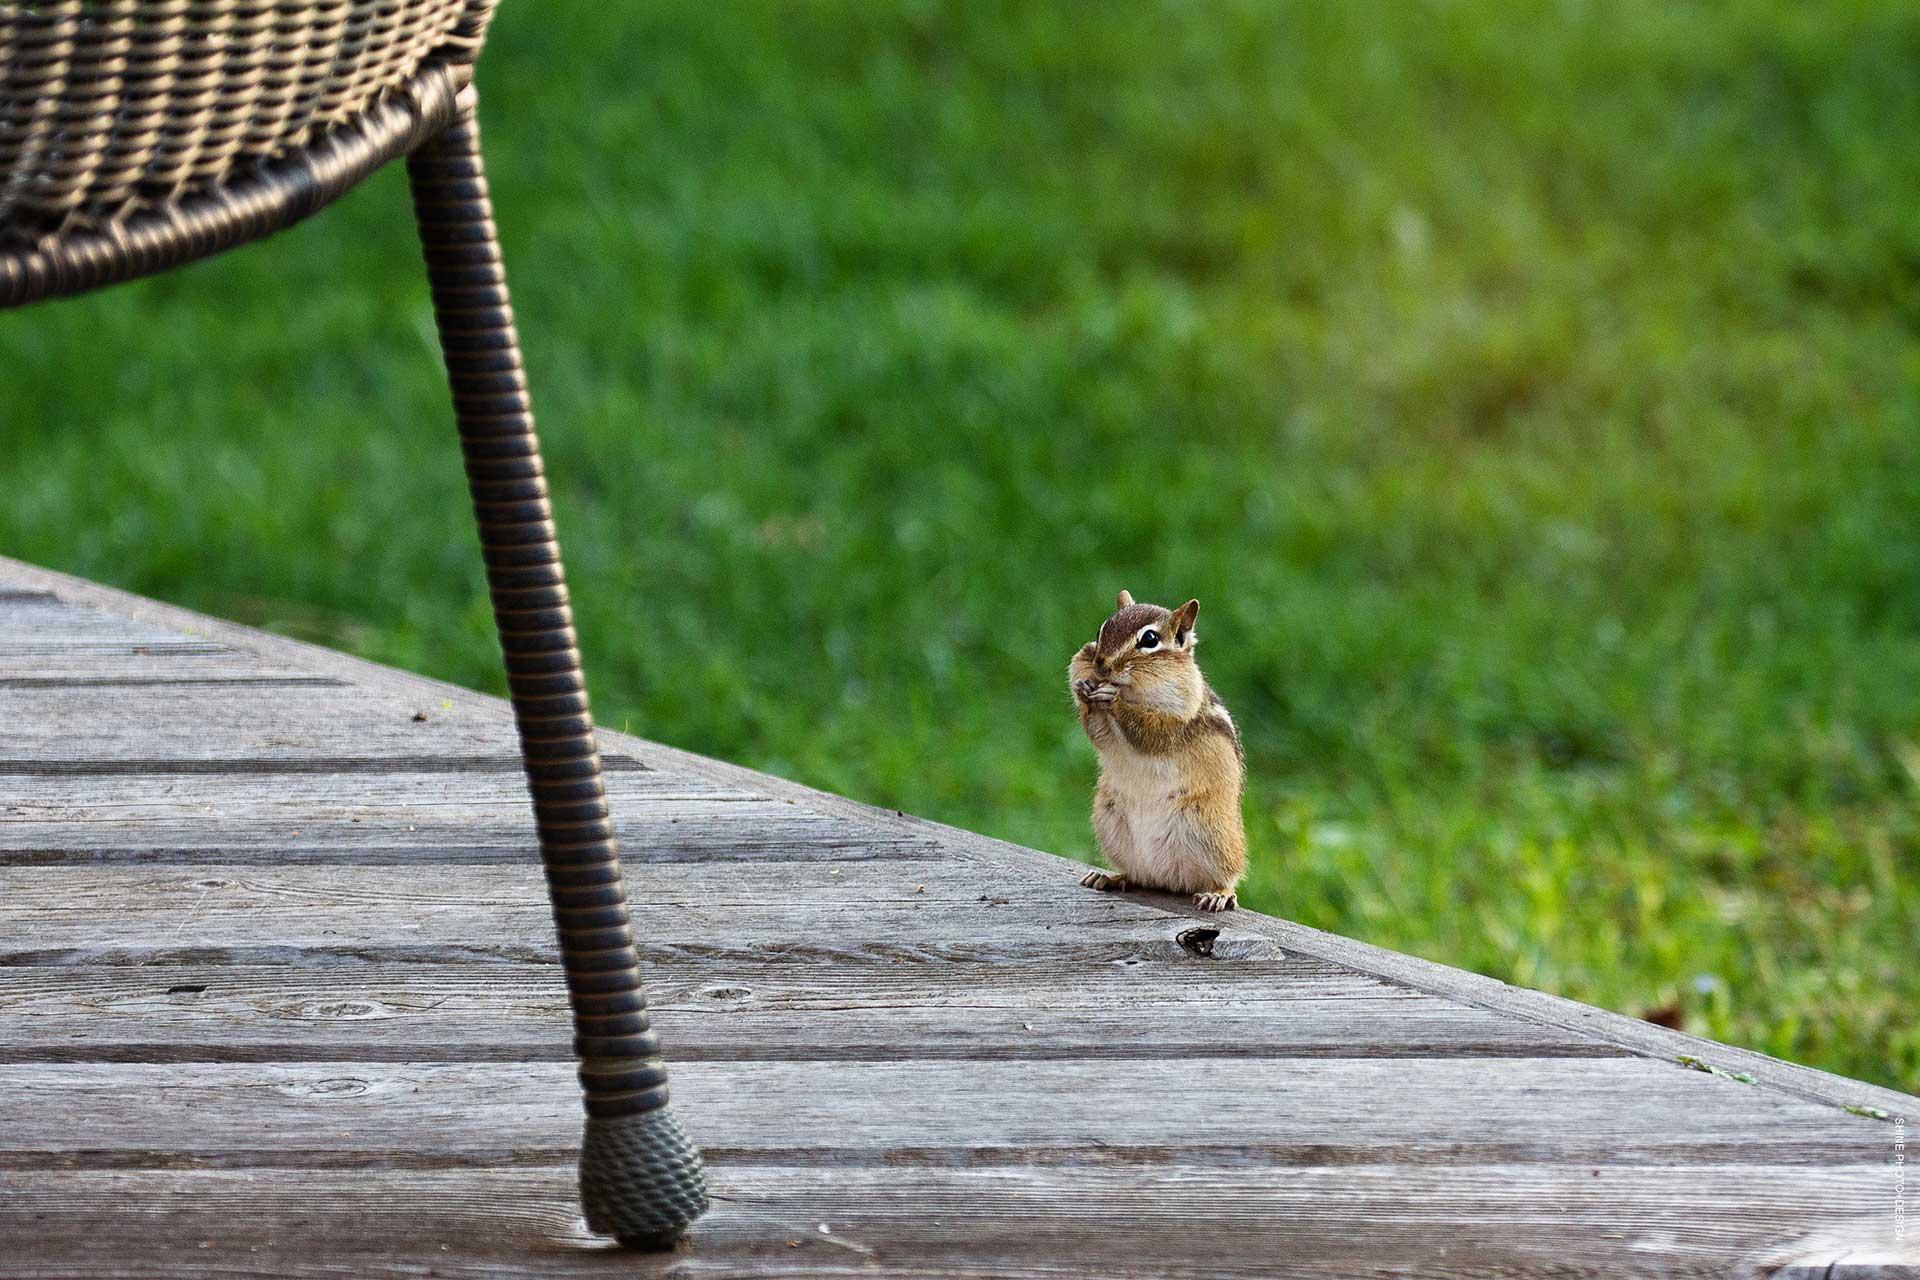 chipmunk by SHINE Photo+Design